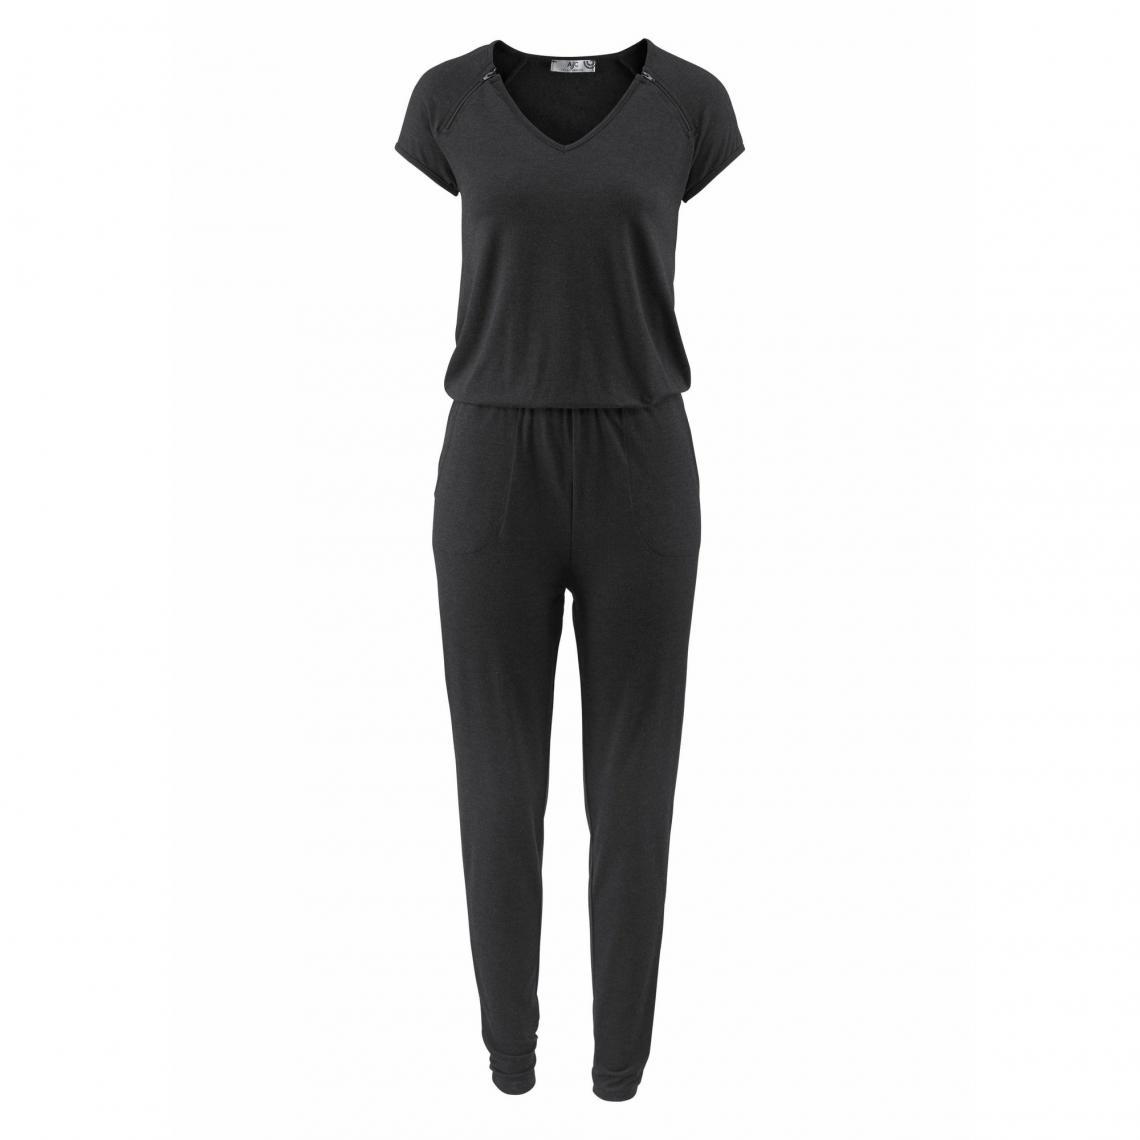 93b394d65a Combi-pantalon col V zips déco femme AJC - Gris Anthracite Chiné | 3 ...